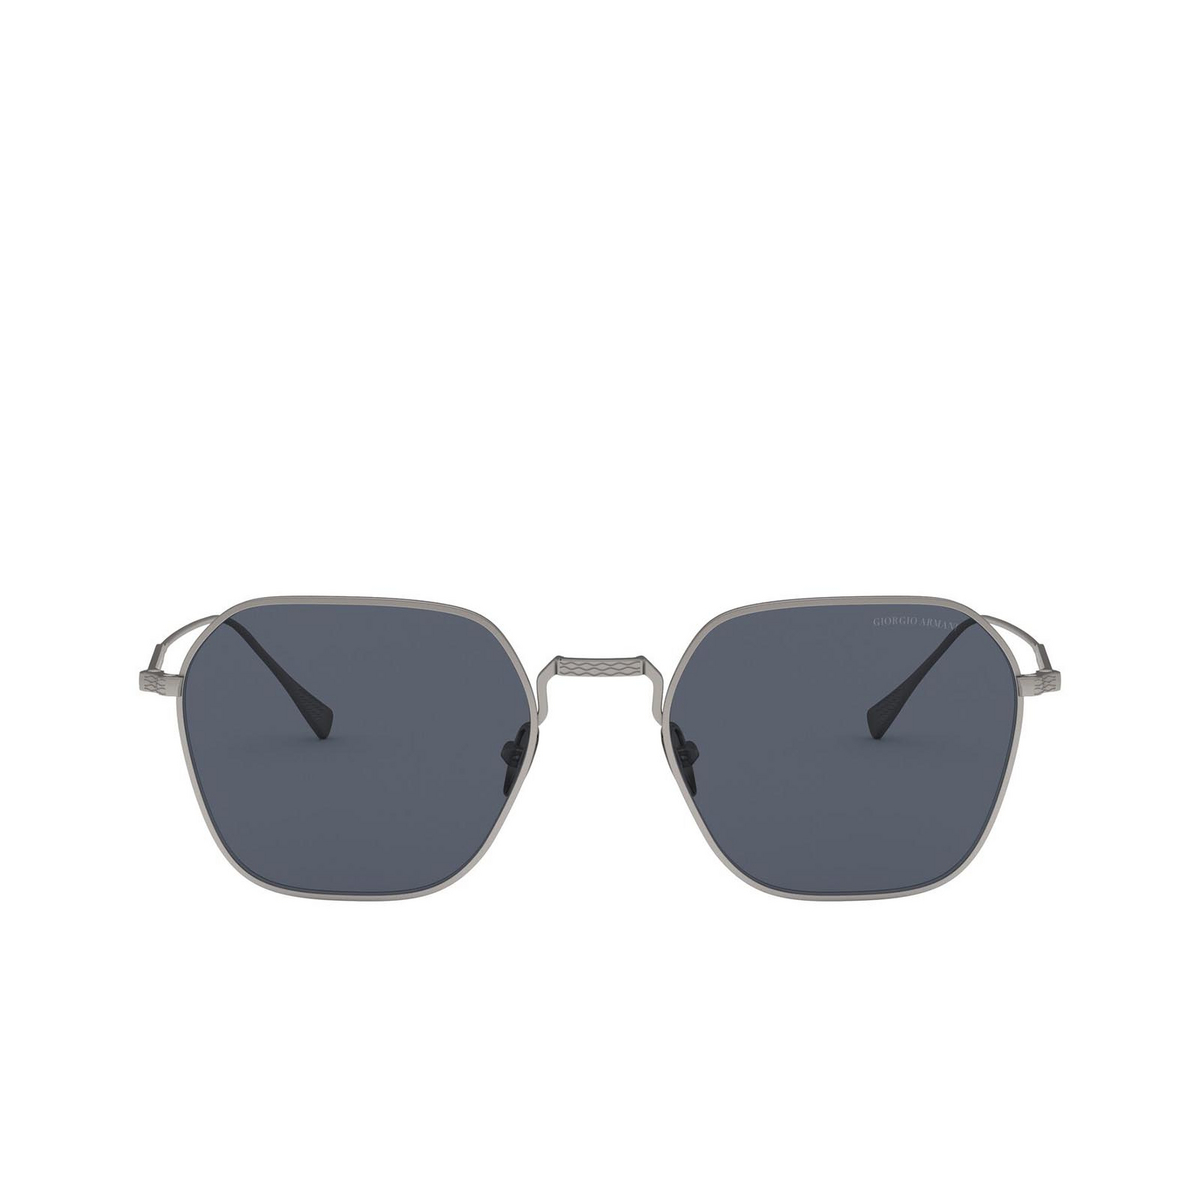 Giorgio Armani® Square Sunglasses: AR6104 color Matte Gunmetal 300387 - front view.